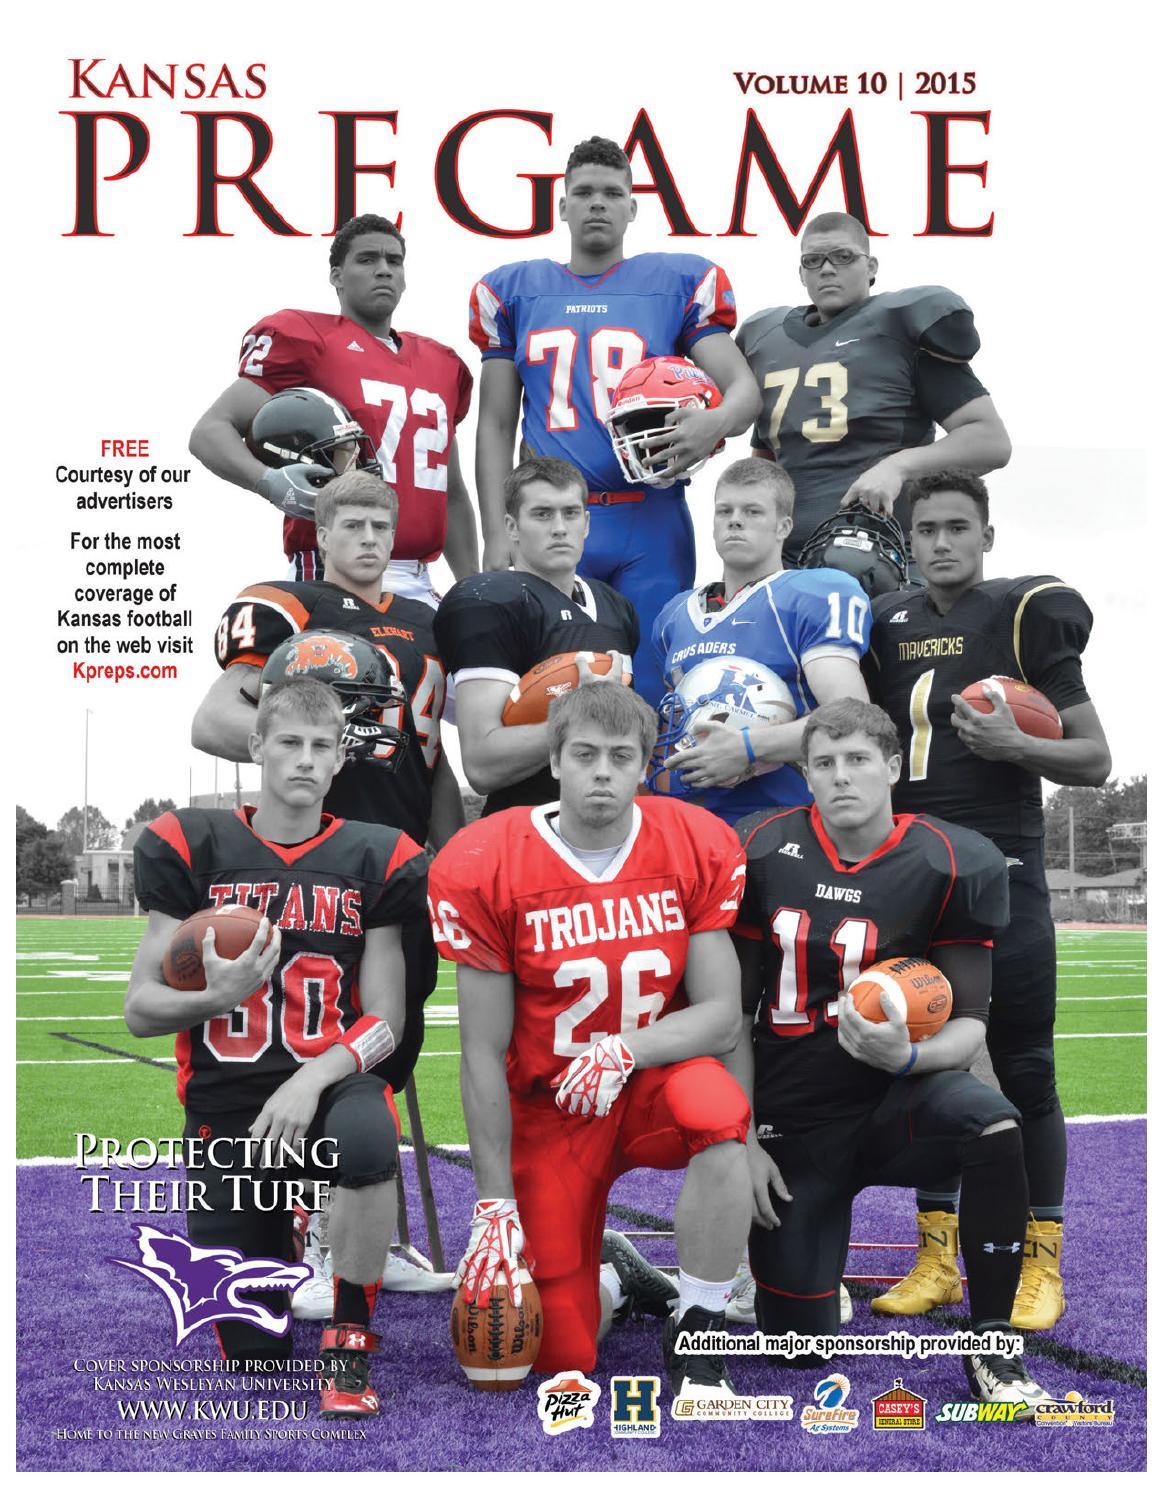 Kansas Pregame 2015 Volume 10 By Sixteen 60 Publishing Co